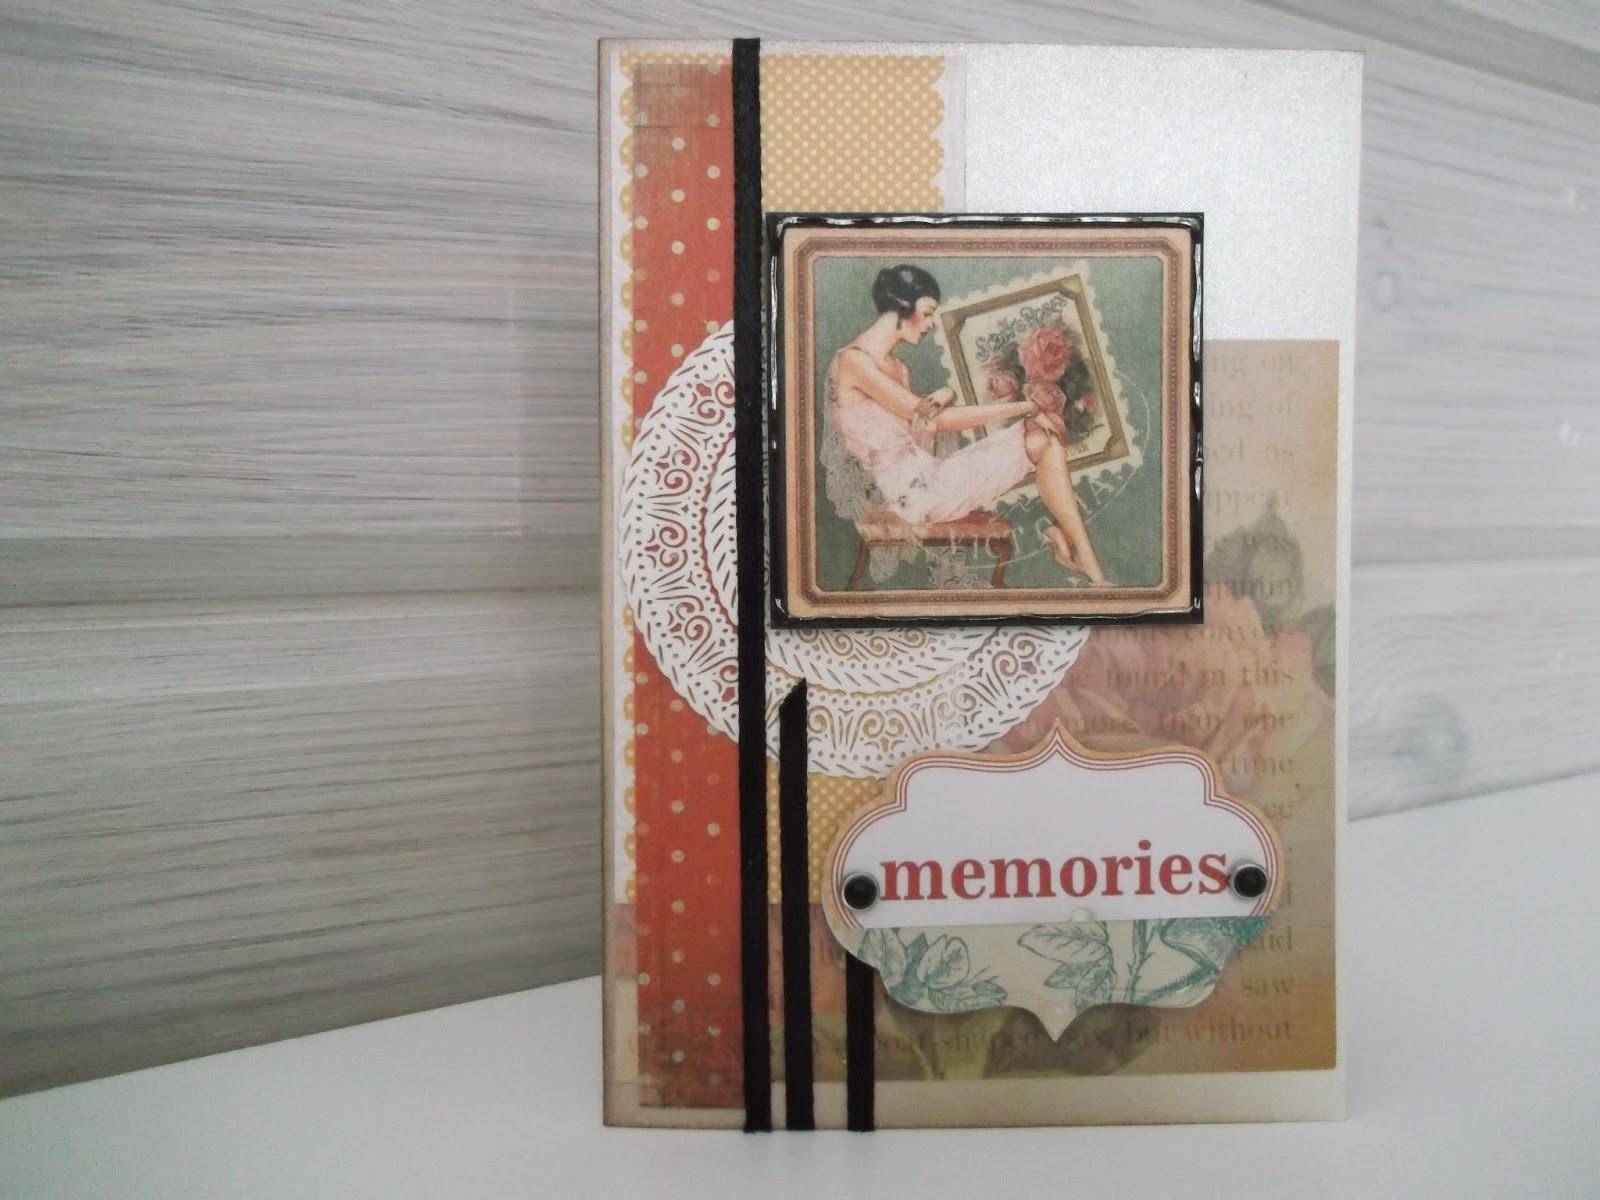 onnittelukortti naiselle, tekstikehys Memories, naisen kuva